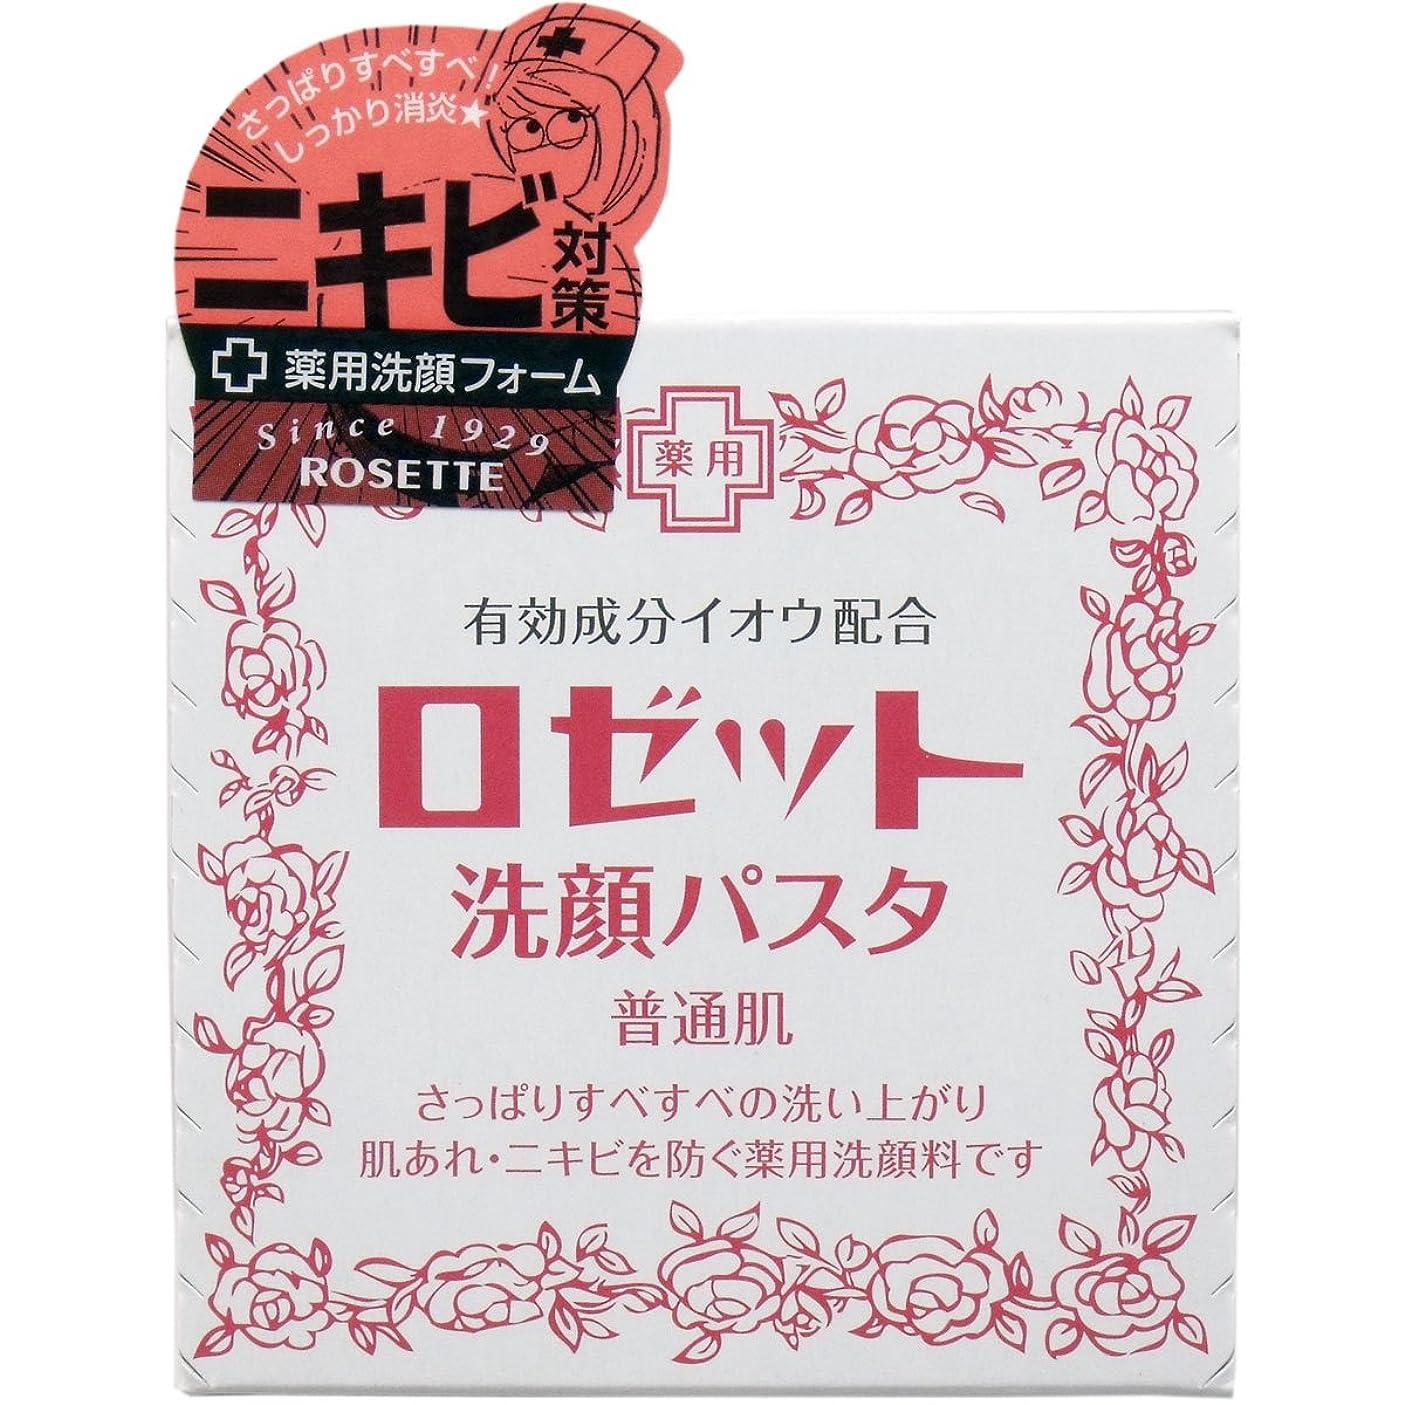 連合店員カヌー【まとめ買い】ロゼット 洗顔パスタ 普通90g ×2セット